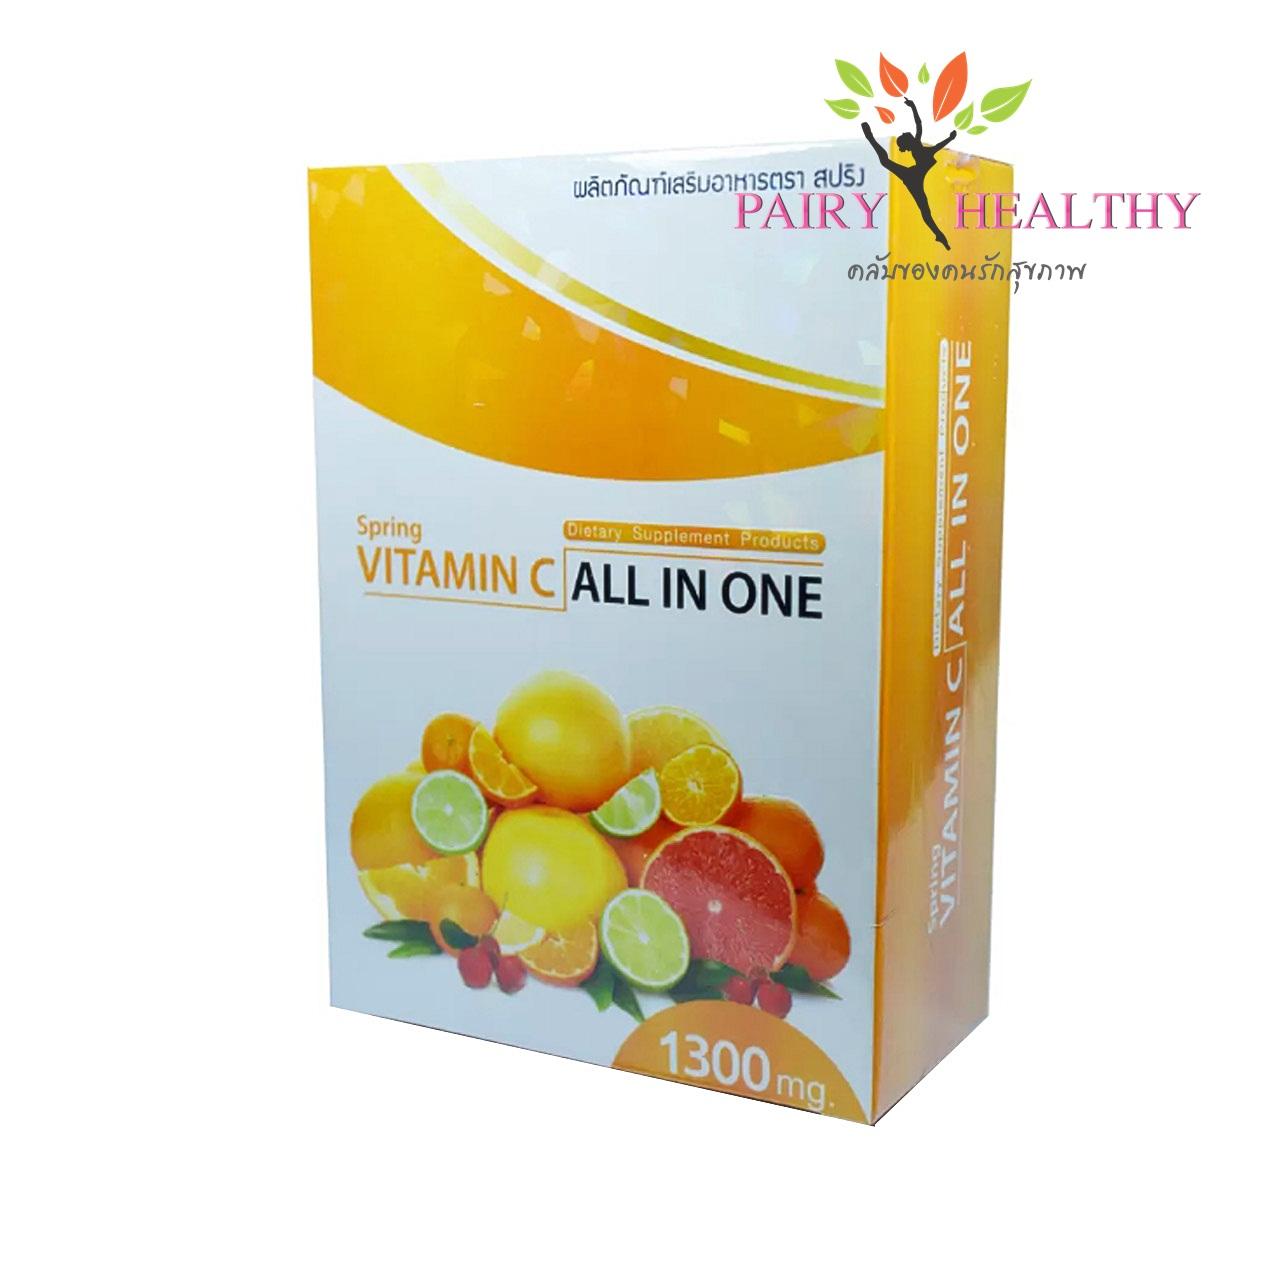 Vitamin C All in One 1300 mg. วิตามิน ซี ออล อิน วัน บรรจุ 30 เม็ด ราคา 240 บาท ส่งฟรี